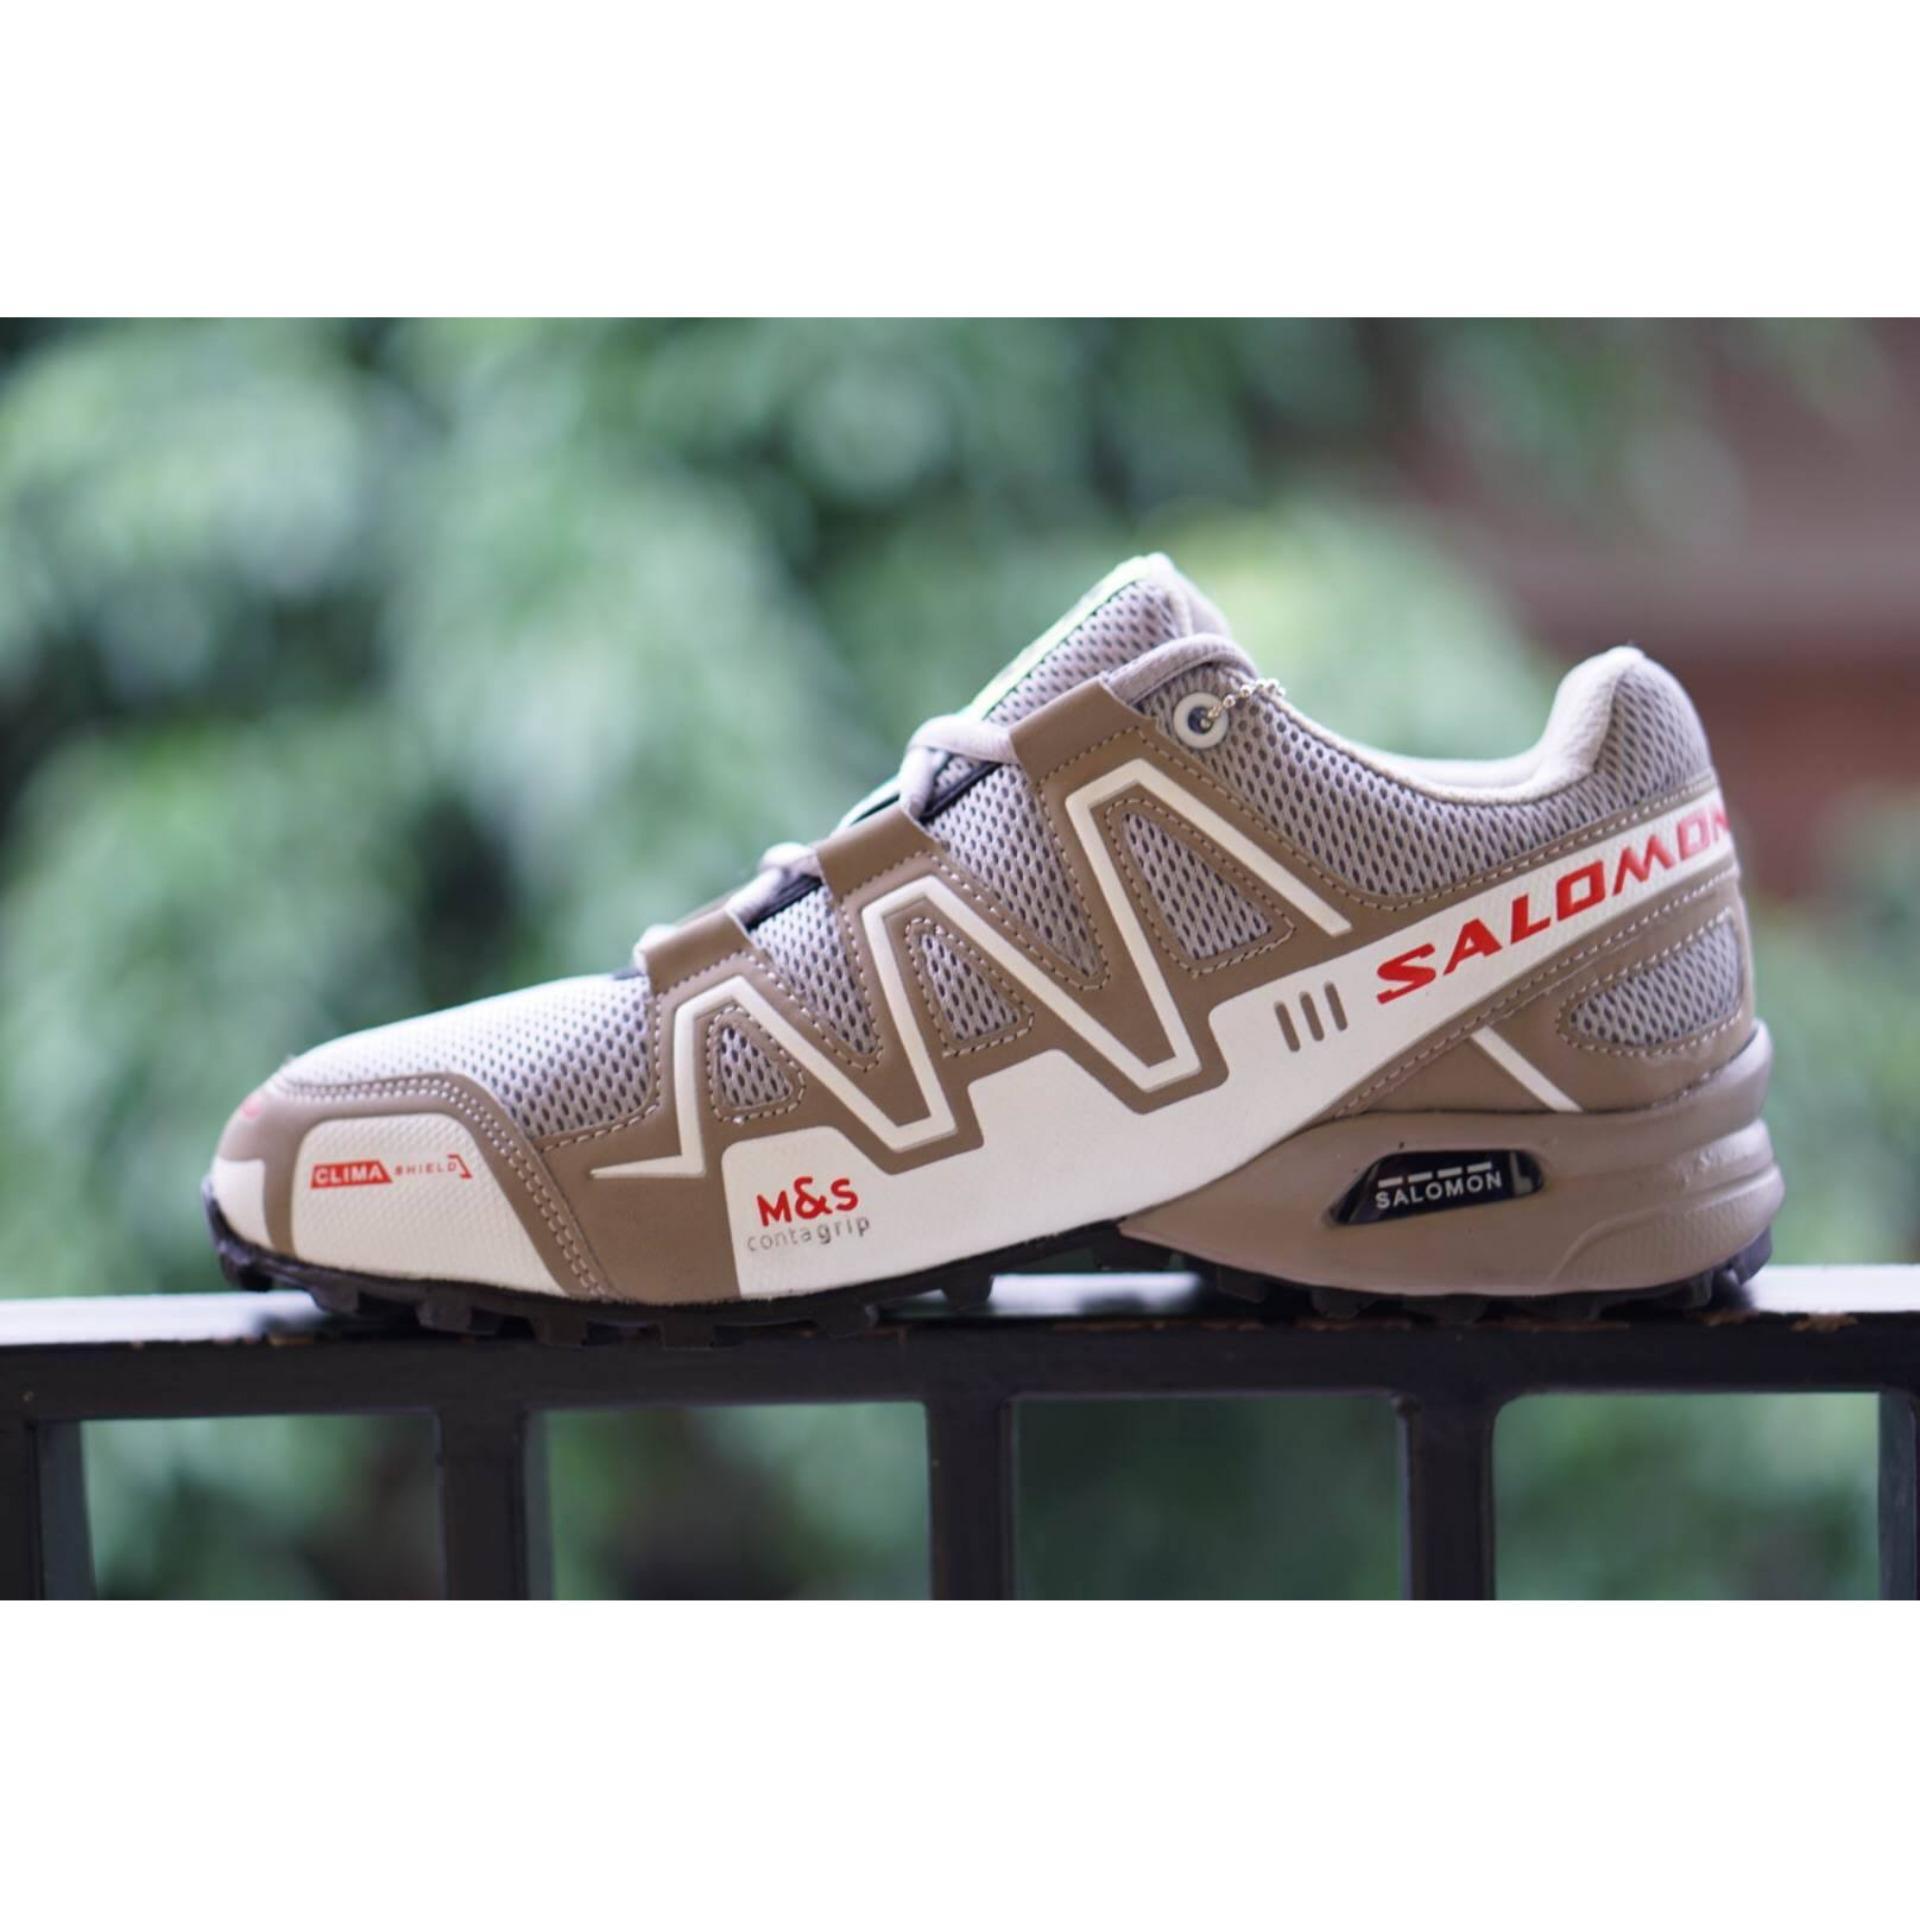 Pencari Harga Sepatu Salomon Speedcross 3 Running Sport terbaik murah - Hanya Rp133.931